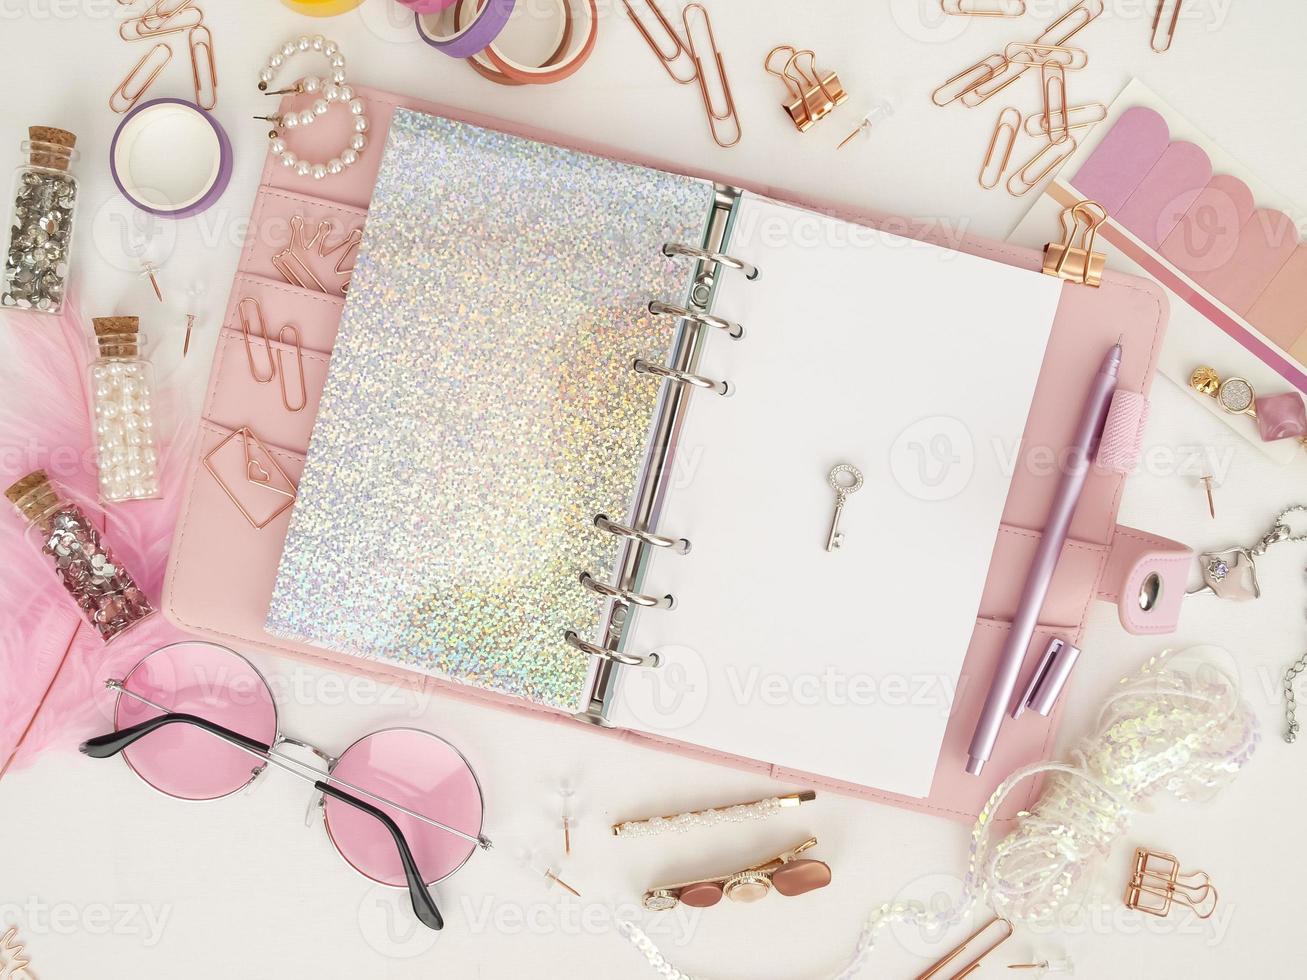 zilveren sleutel op de witte pagina van de planner. dagboek geopend met witte en holografische pagina. bovenaanzicht van de roze planner met briefpapier. roze glamour planner decoratie foto